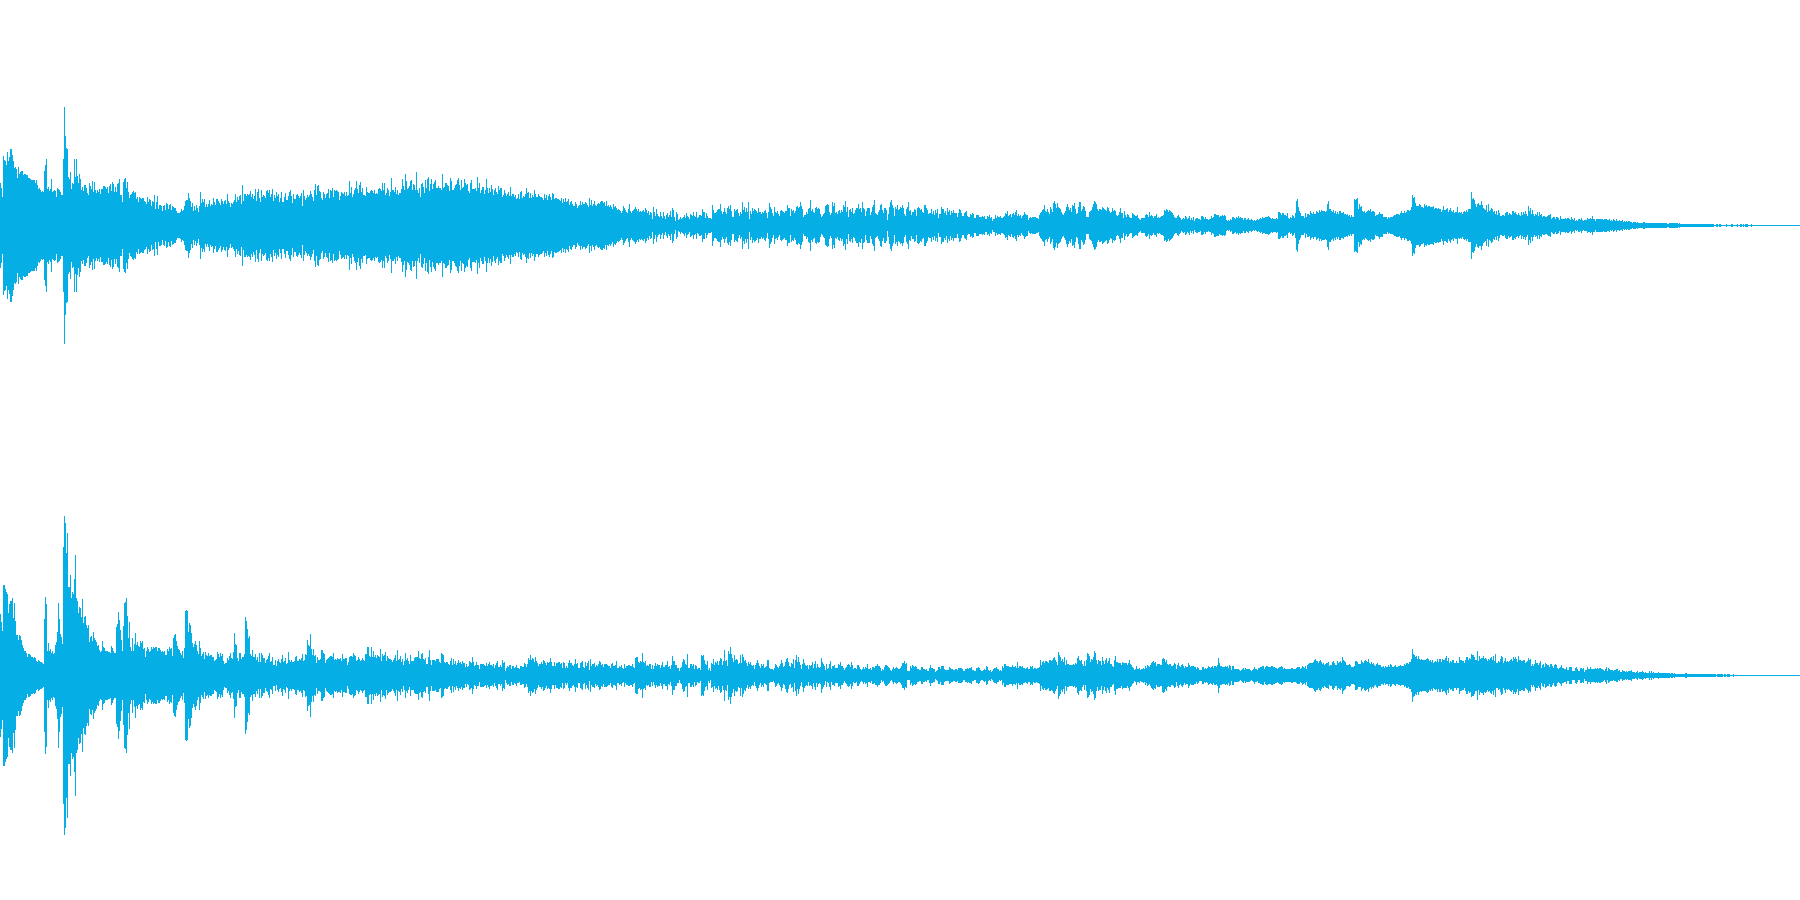 振り子時計がテーマのアイキャッチの再生済みの波形